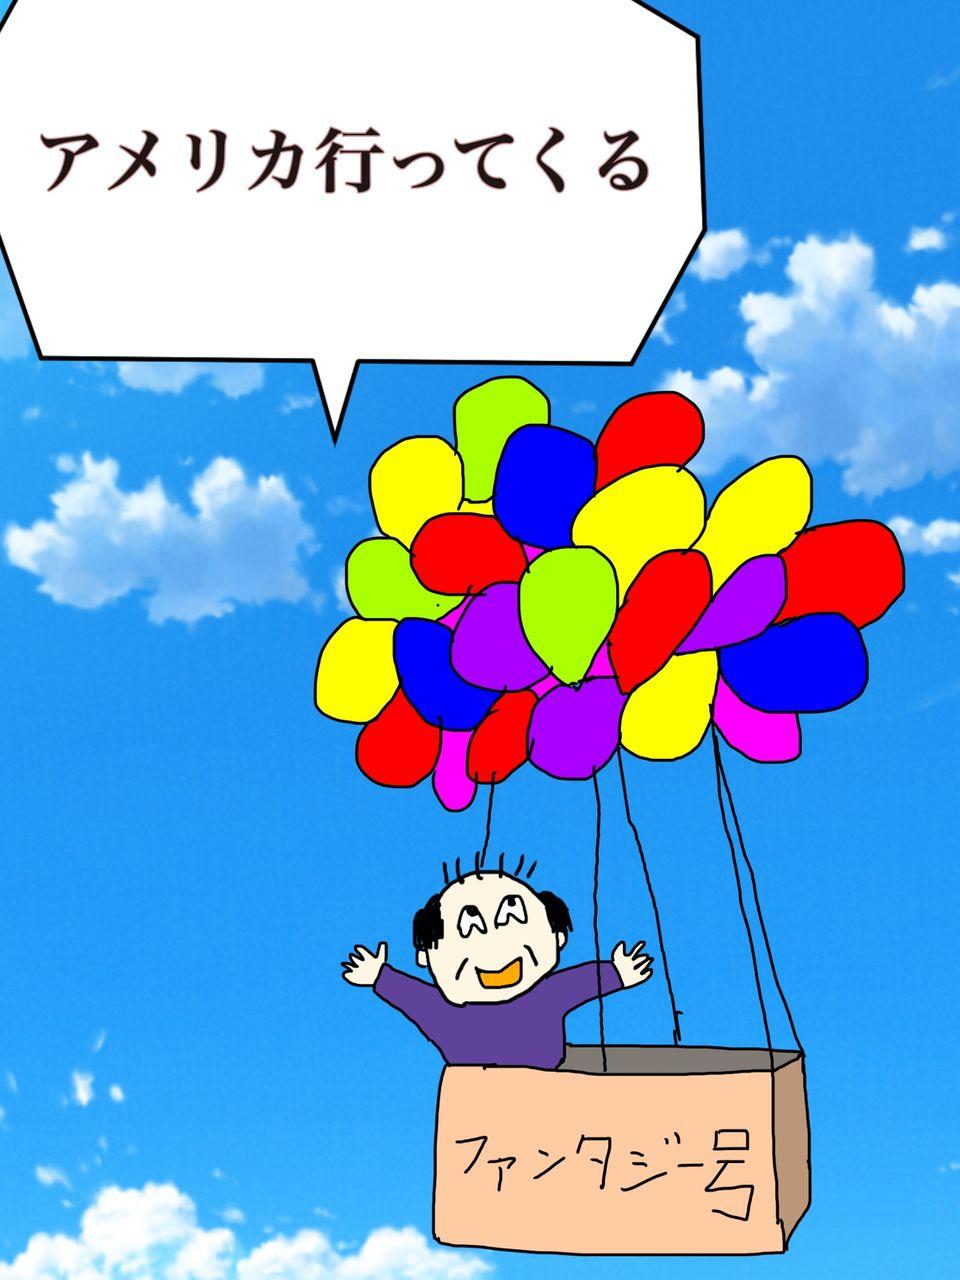 おじさん 現在 風船